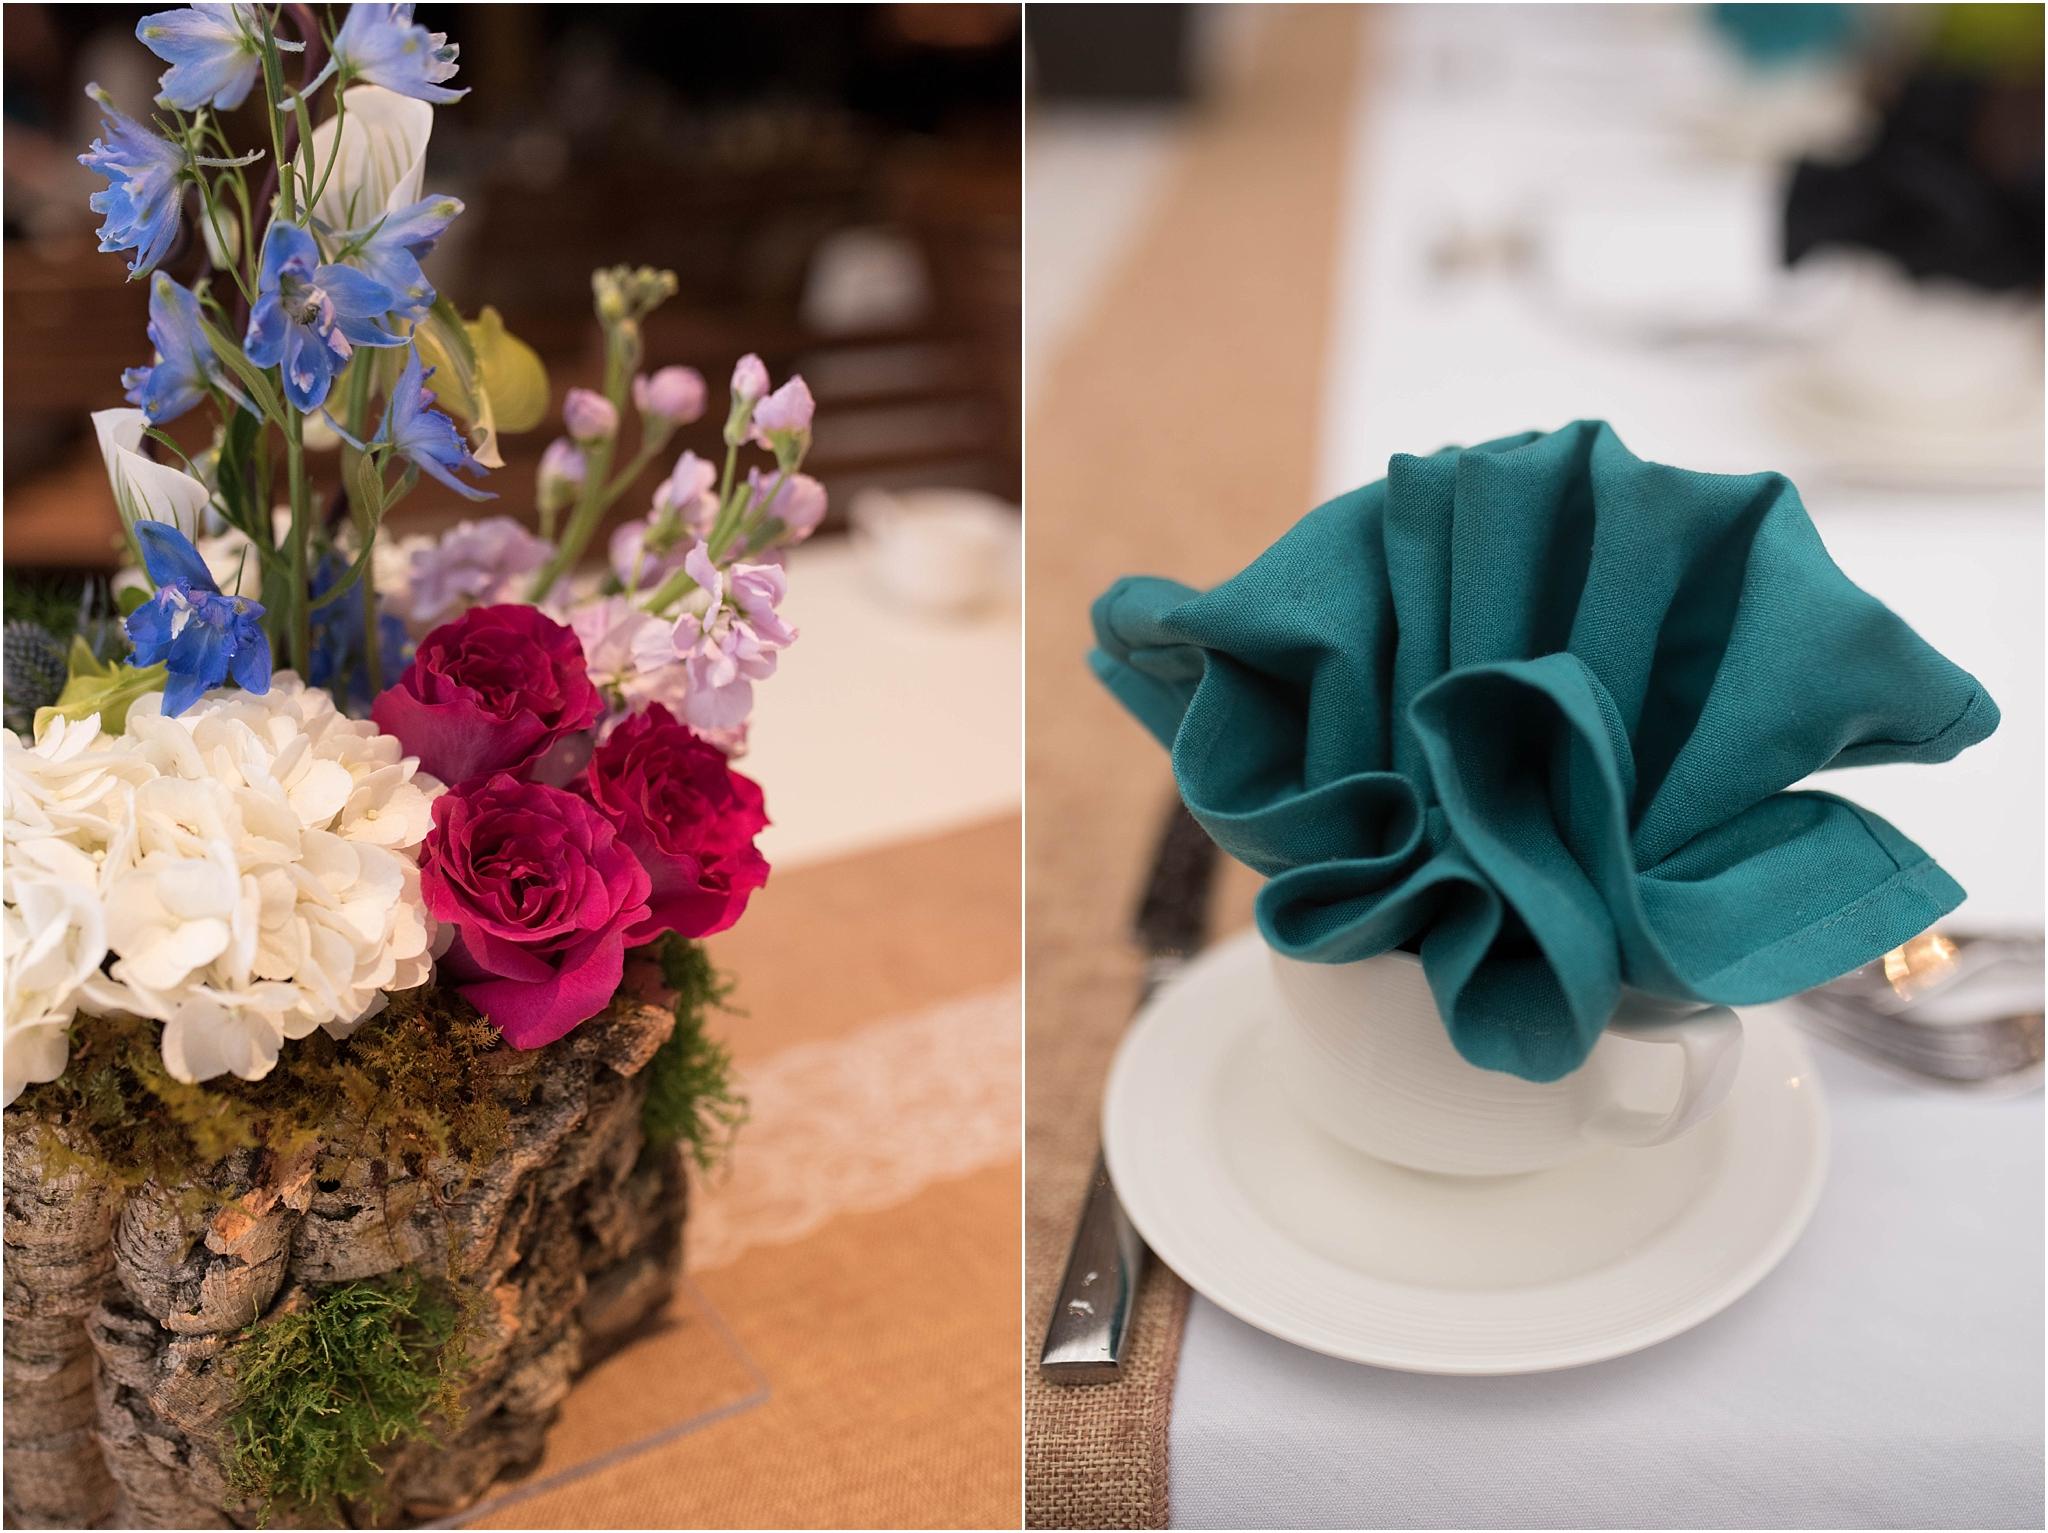 kayla kitts photography - new mexico wedding photographer - albuquerque botanic gardens - hotel albuquerque_0101.jpg